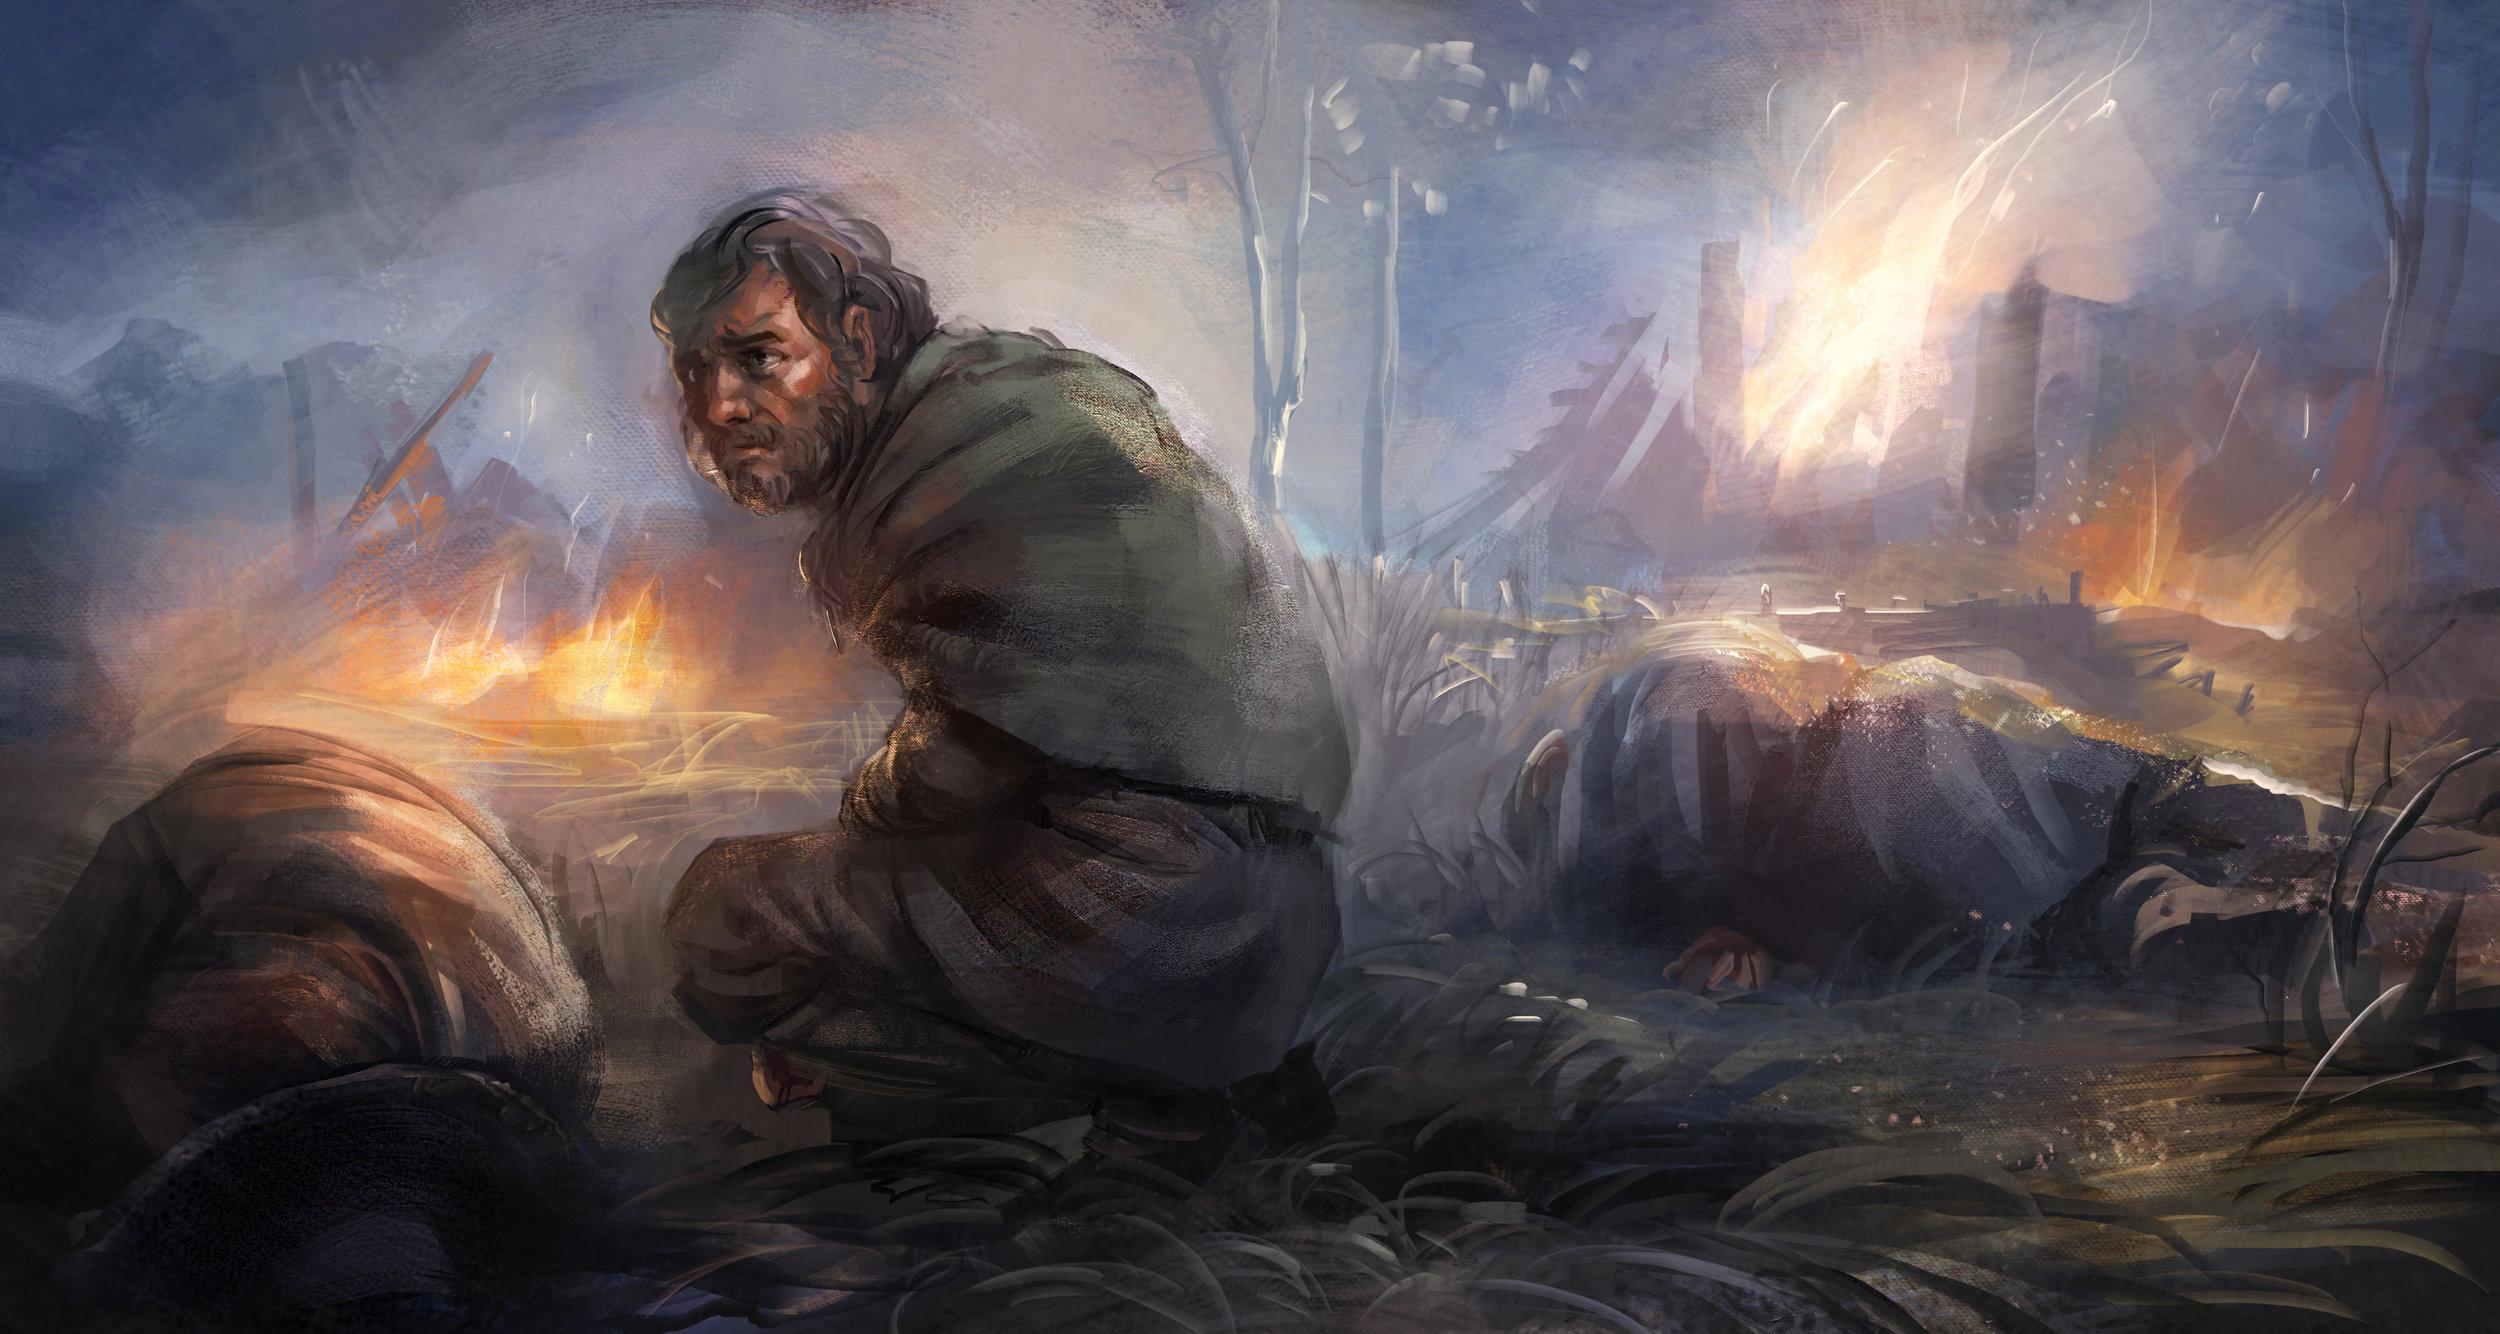 Last Survival by  Filip Storch.  https://skvor.deviantart.com/